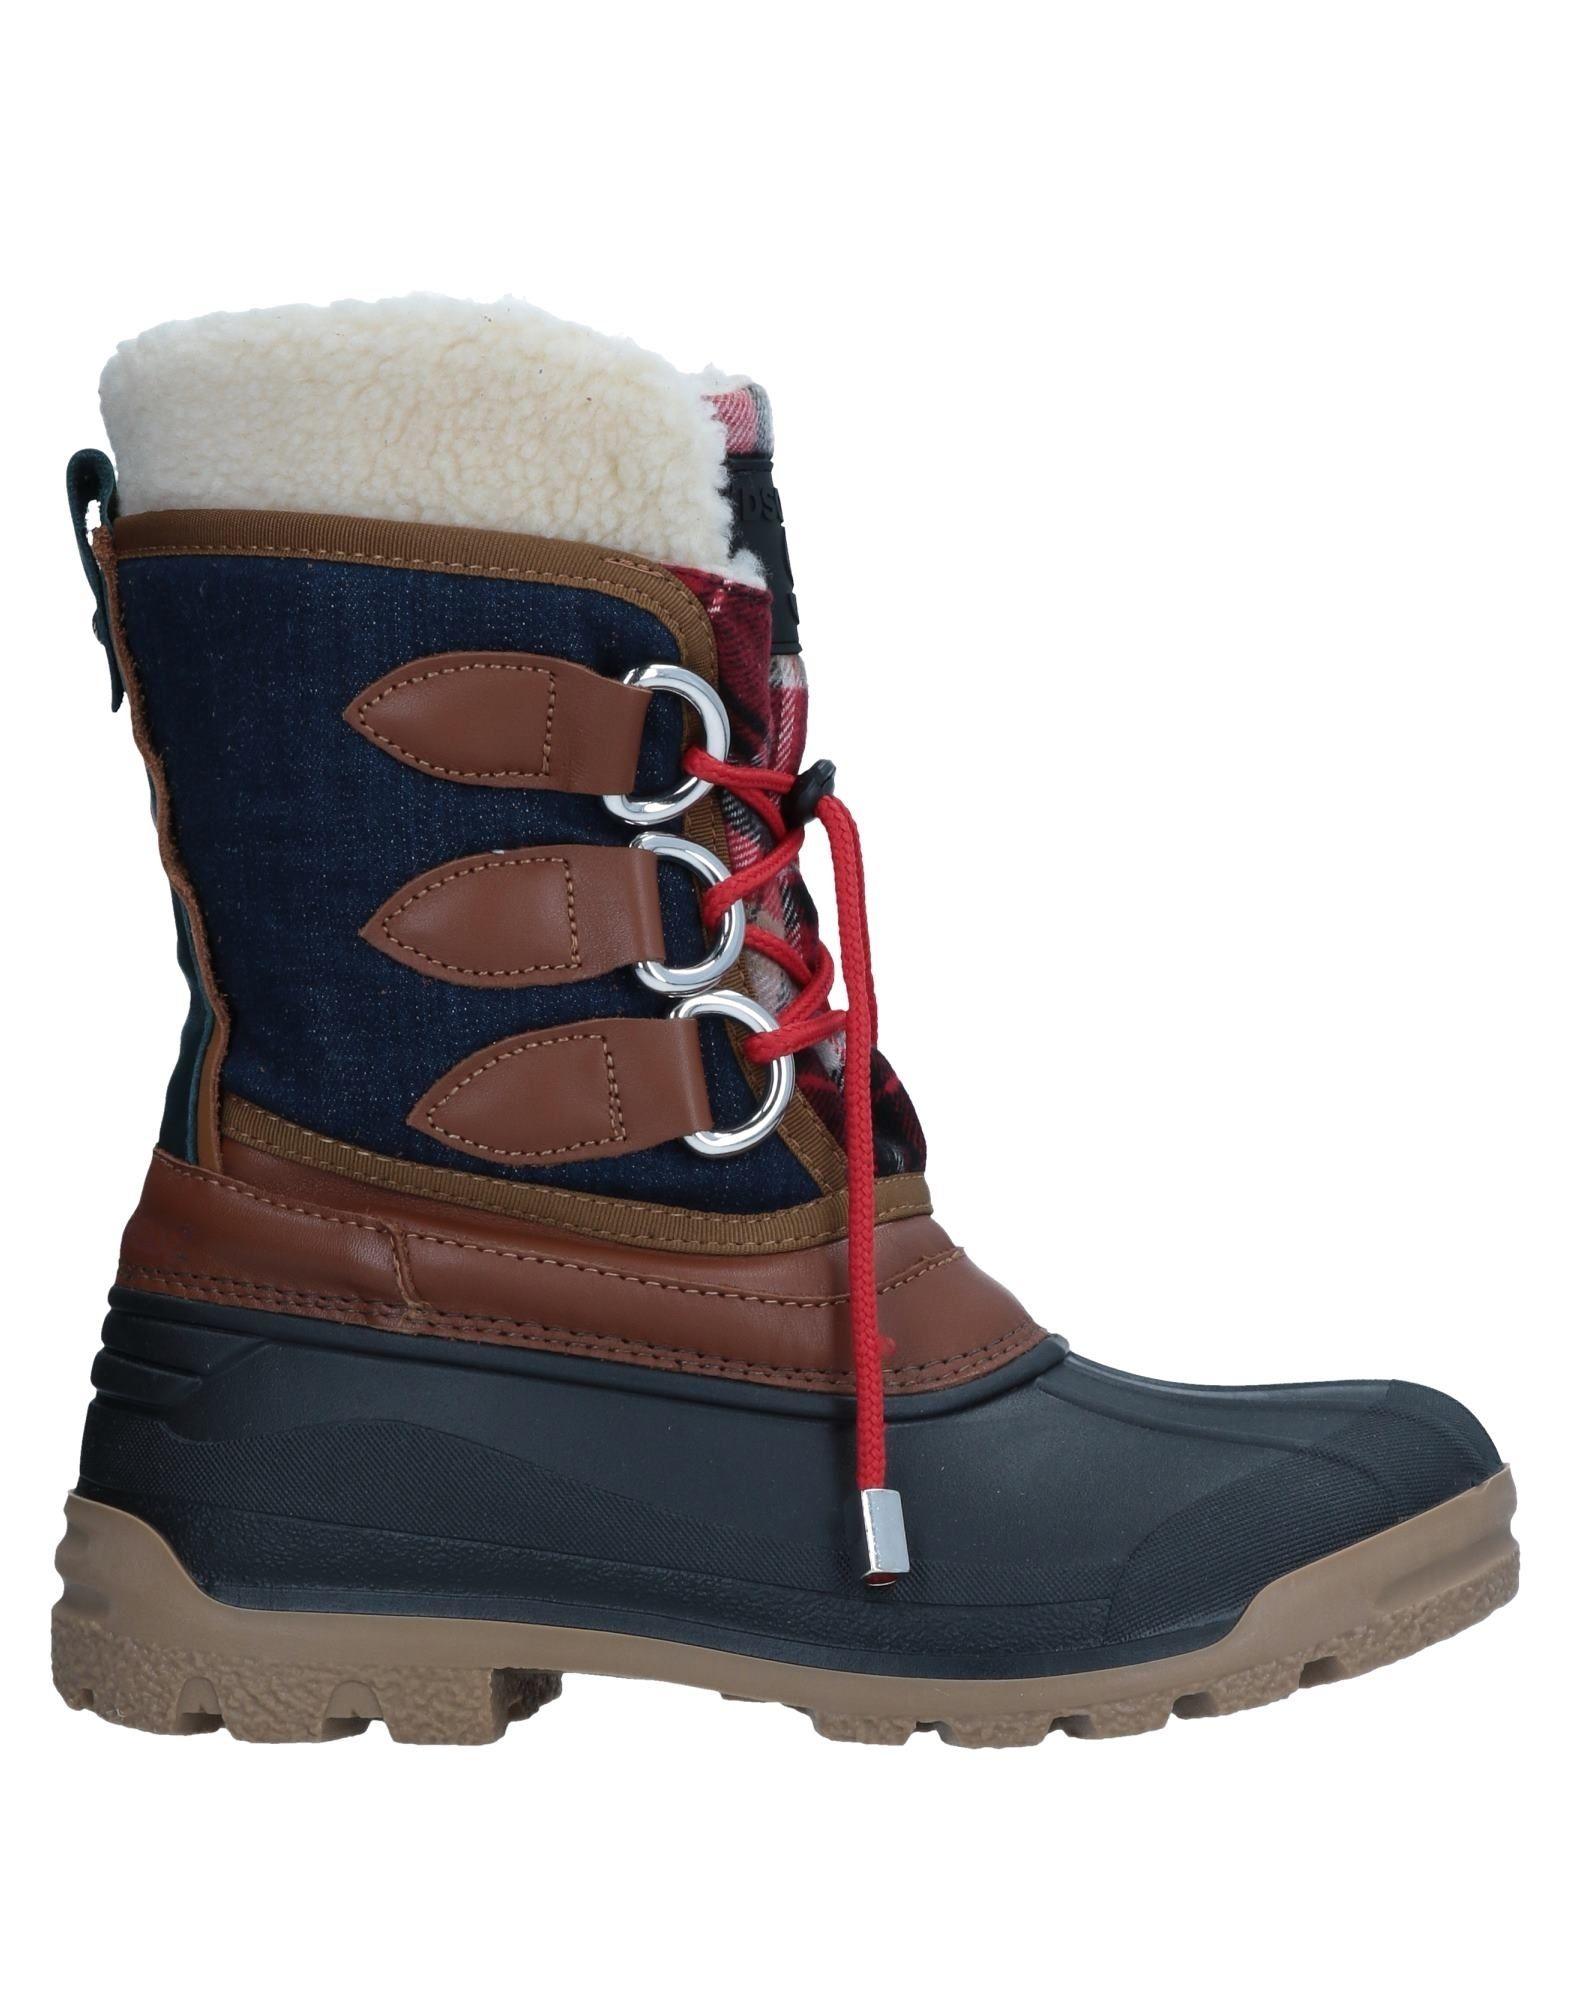 Dsquared2 Stiefelette Herren  11554427OU Gute Qualität beliebte Schuhe